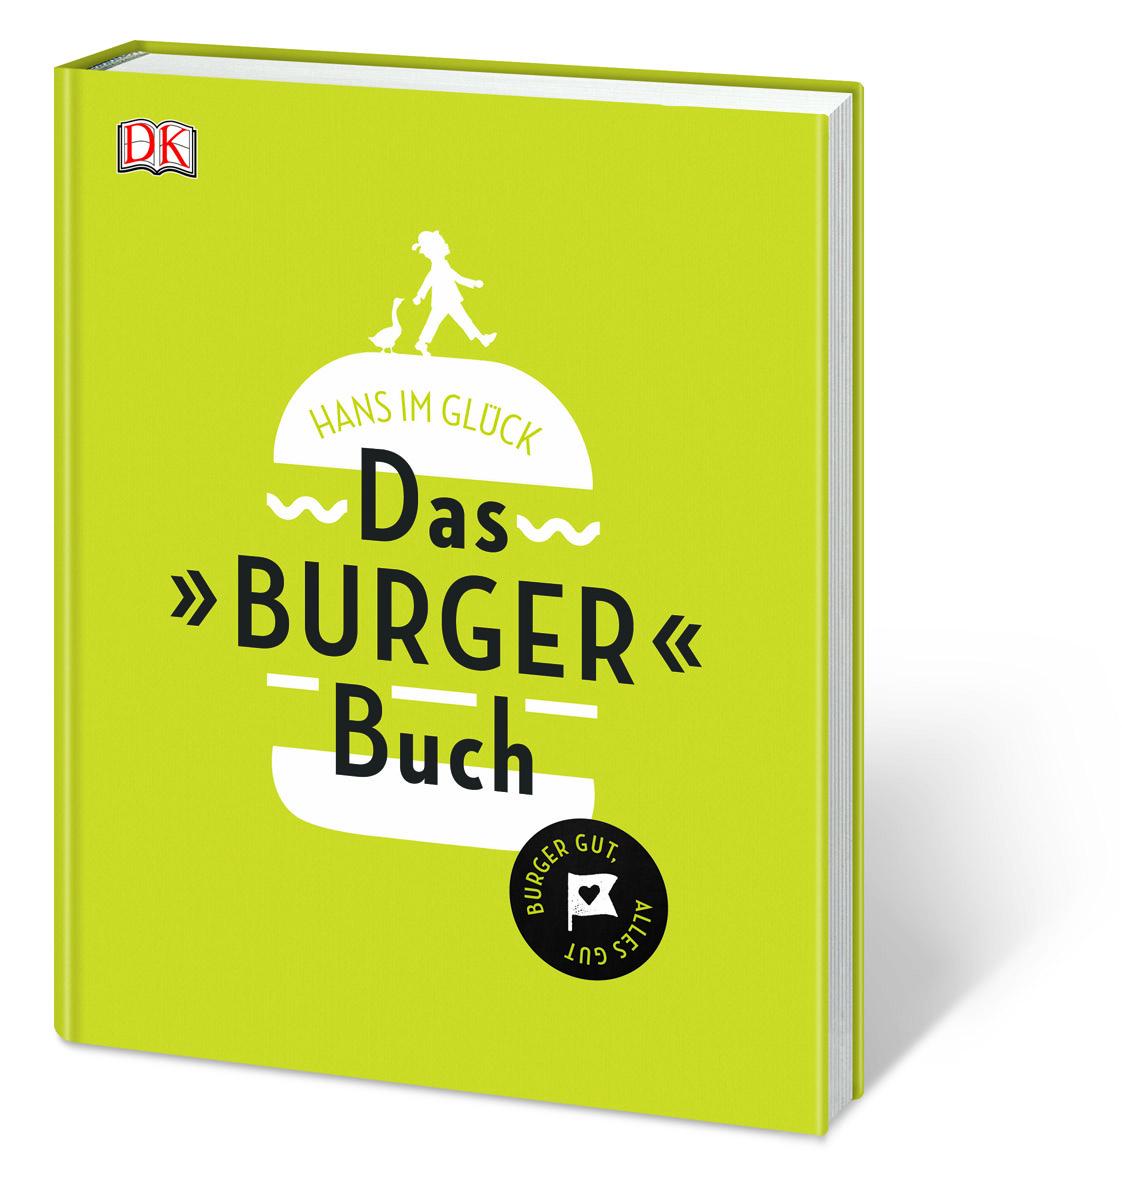 HANS IM GLÜCK Das Burger Buch